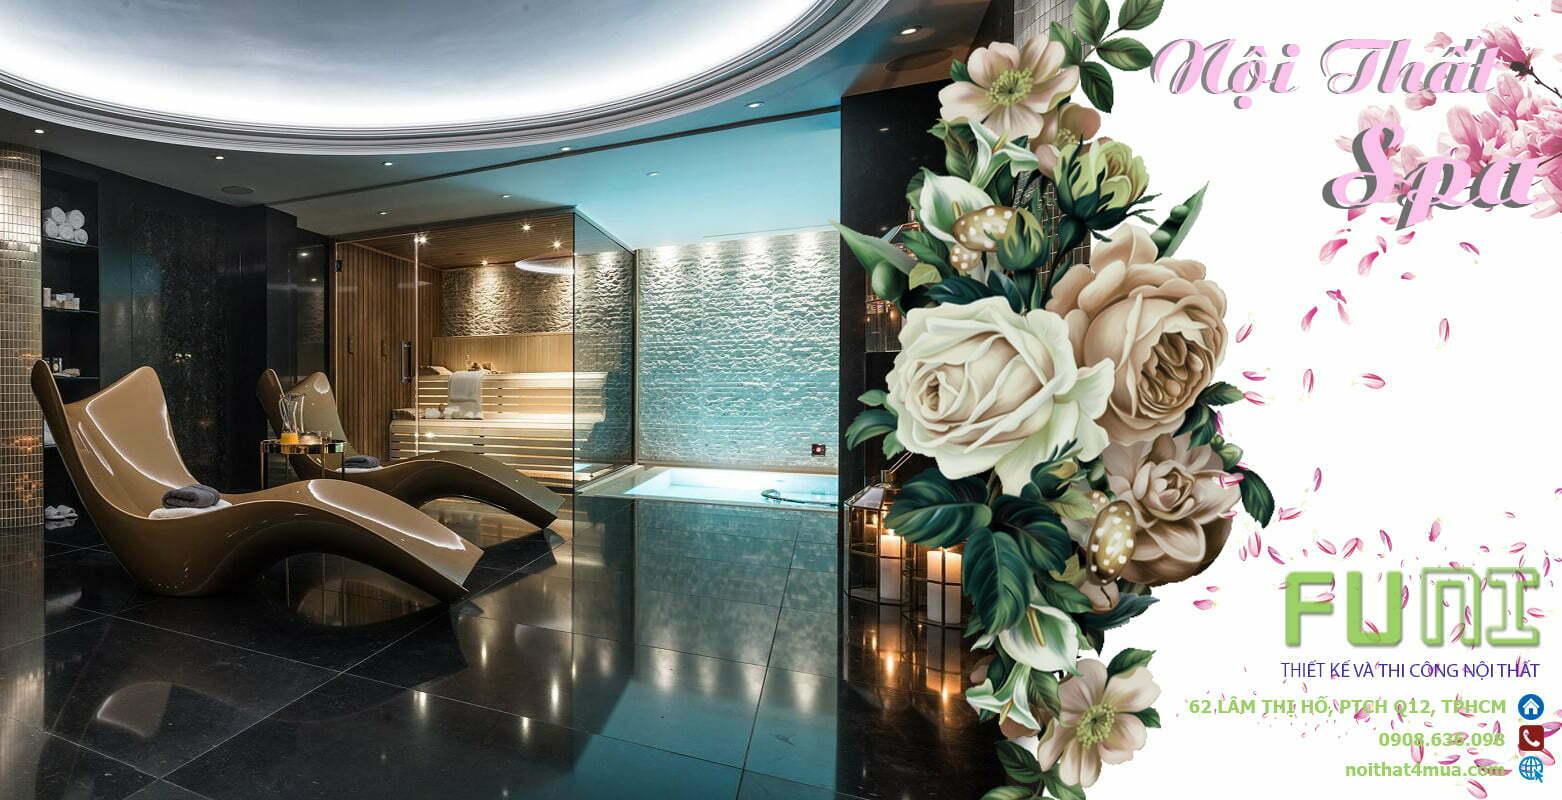 Thiết kế spa chuyên nghiệp đẹp ấn tượng